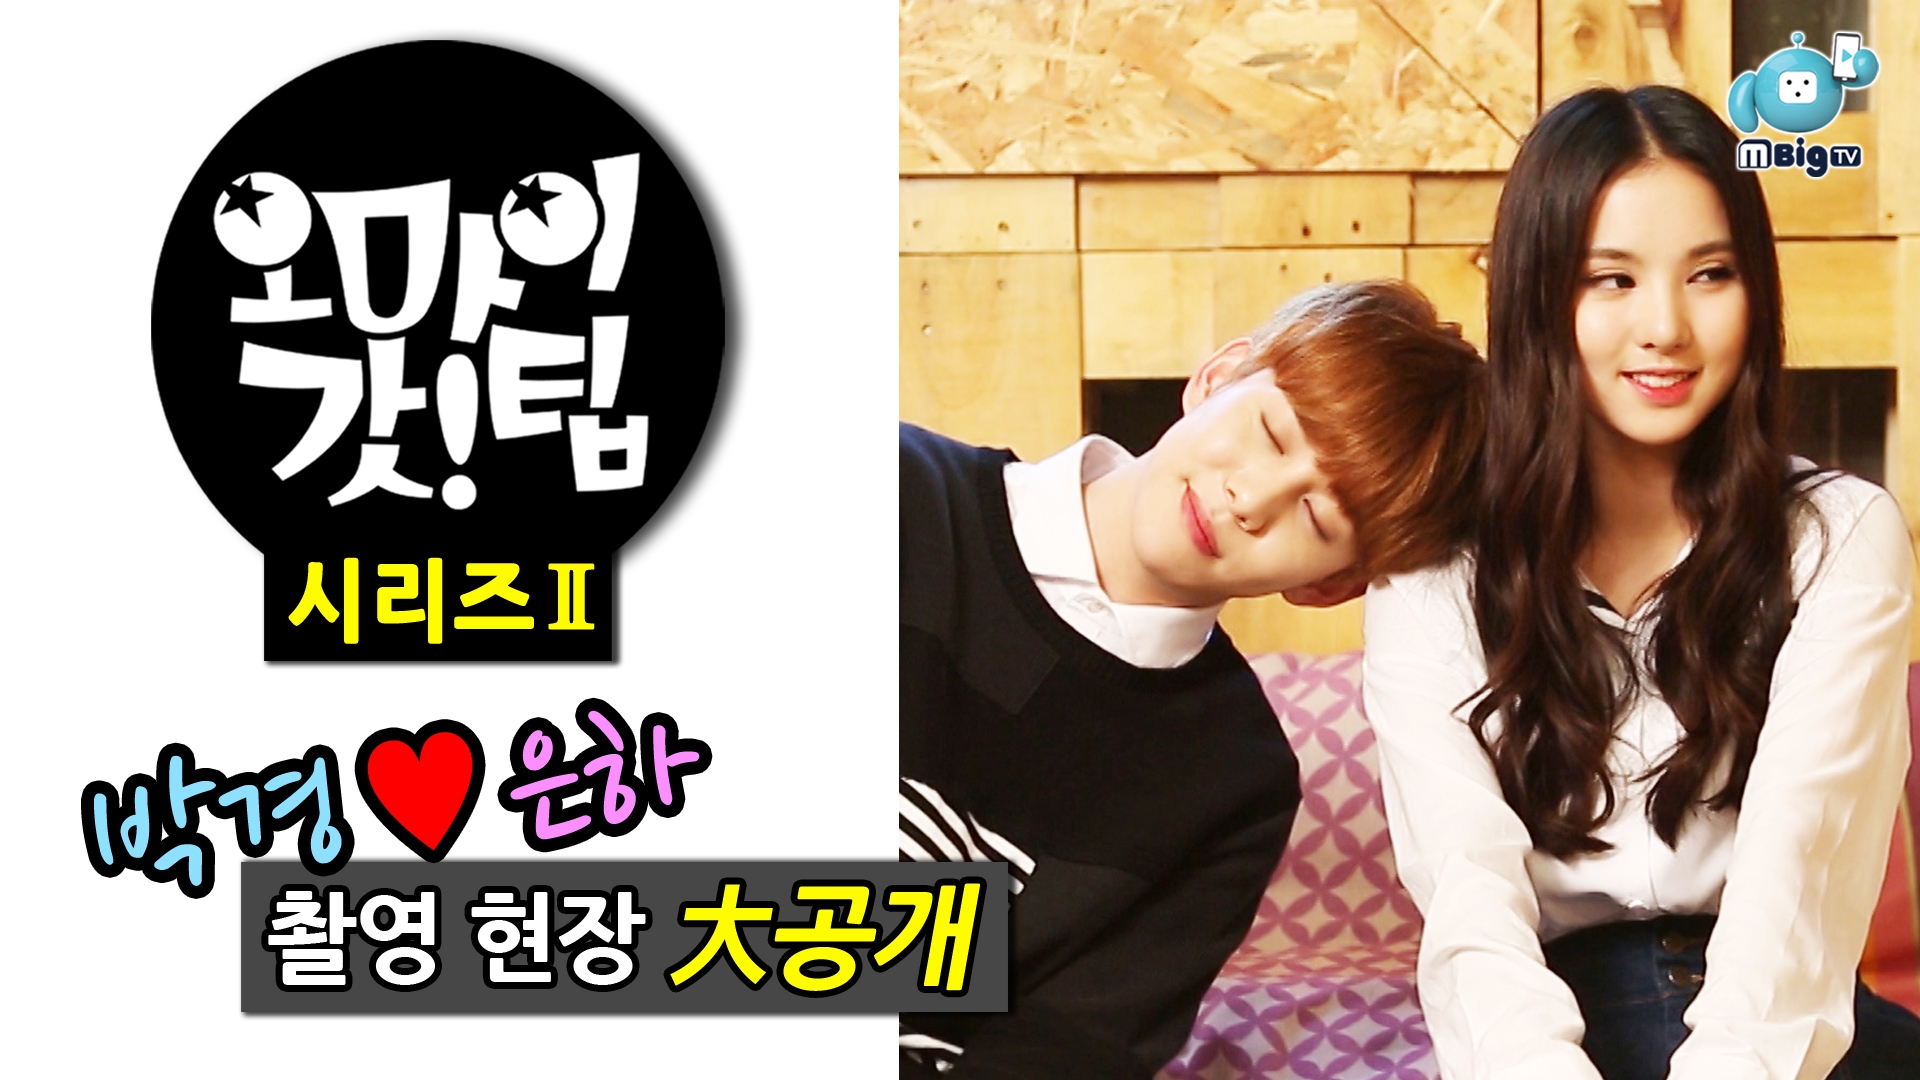 [오마이갓팁Ⅱ] 블락비 박경 & 여자친구 은하. New커플 촬영 현장大공개!